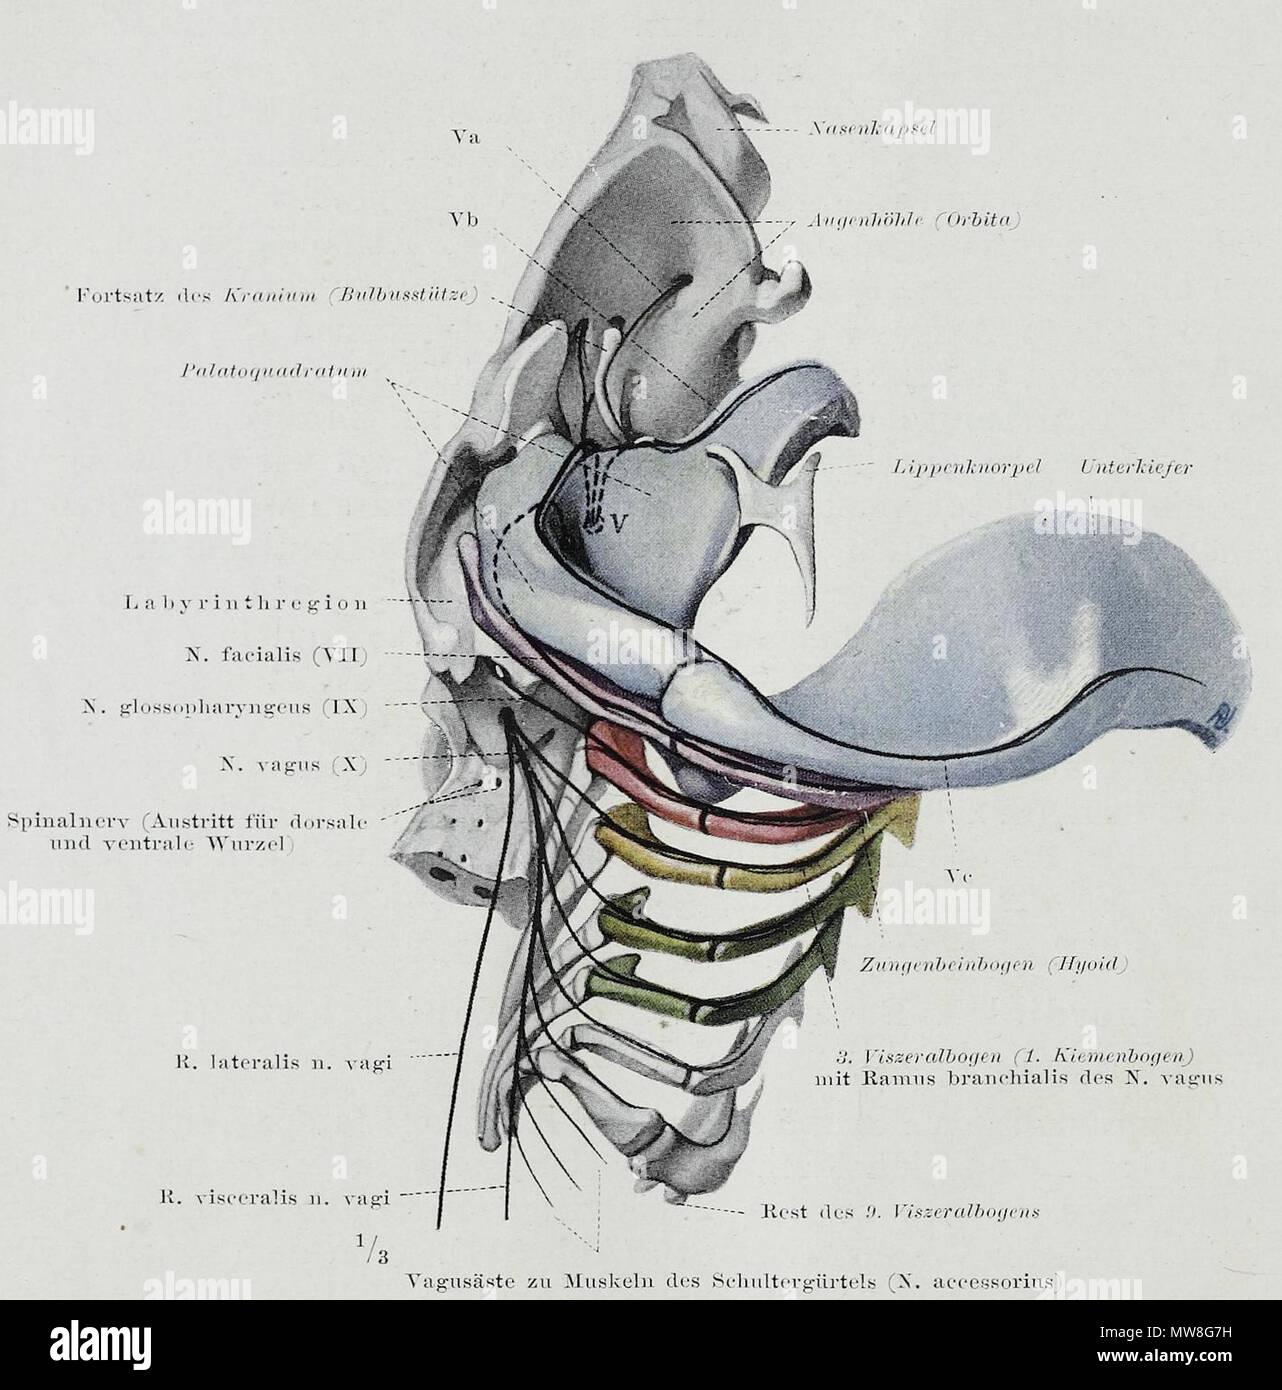 Beste Hirnventrikeln Anatomie Ideen - Menschliche Anatomie Bilder ...